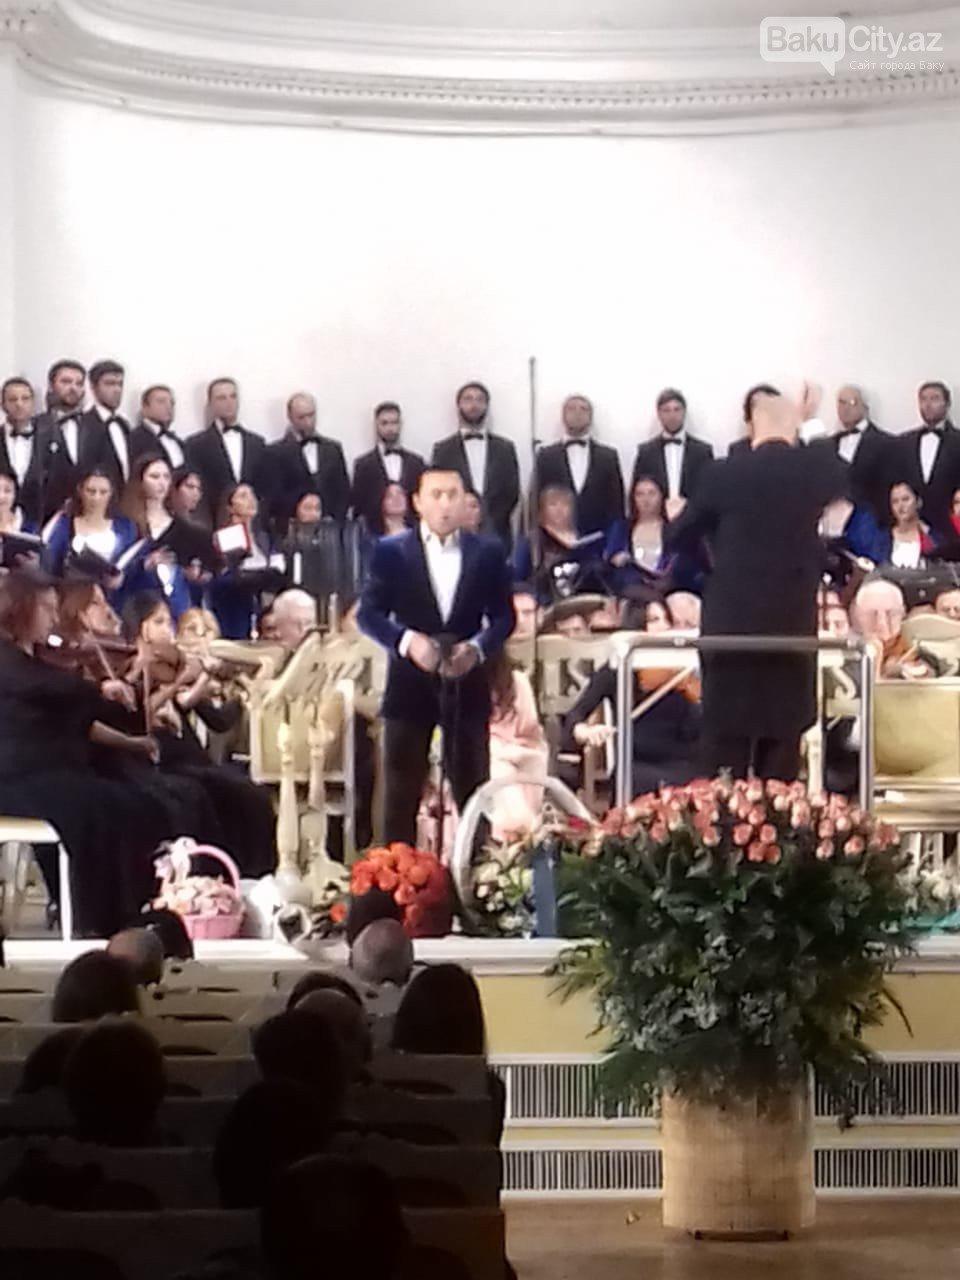 """Bakıda """"Viva Puccini"""" adlı böyük konsert proqramı olub - Foto, fotoşəkil-2"""